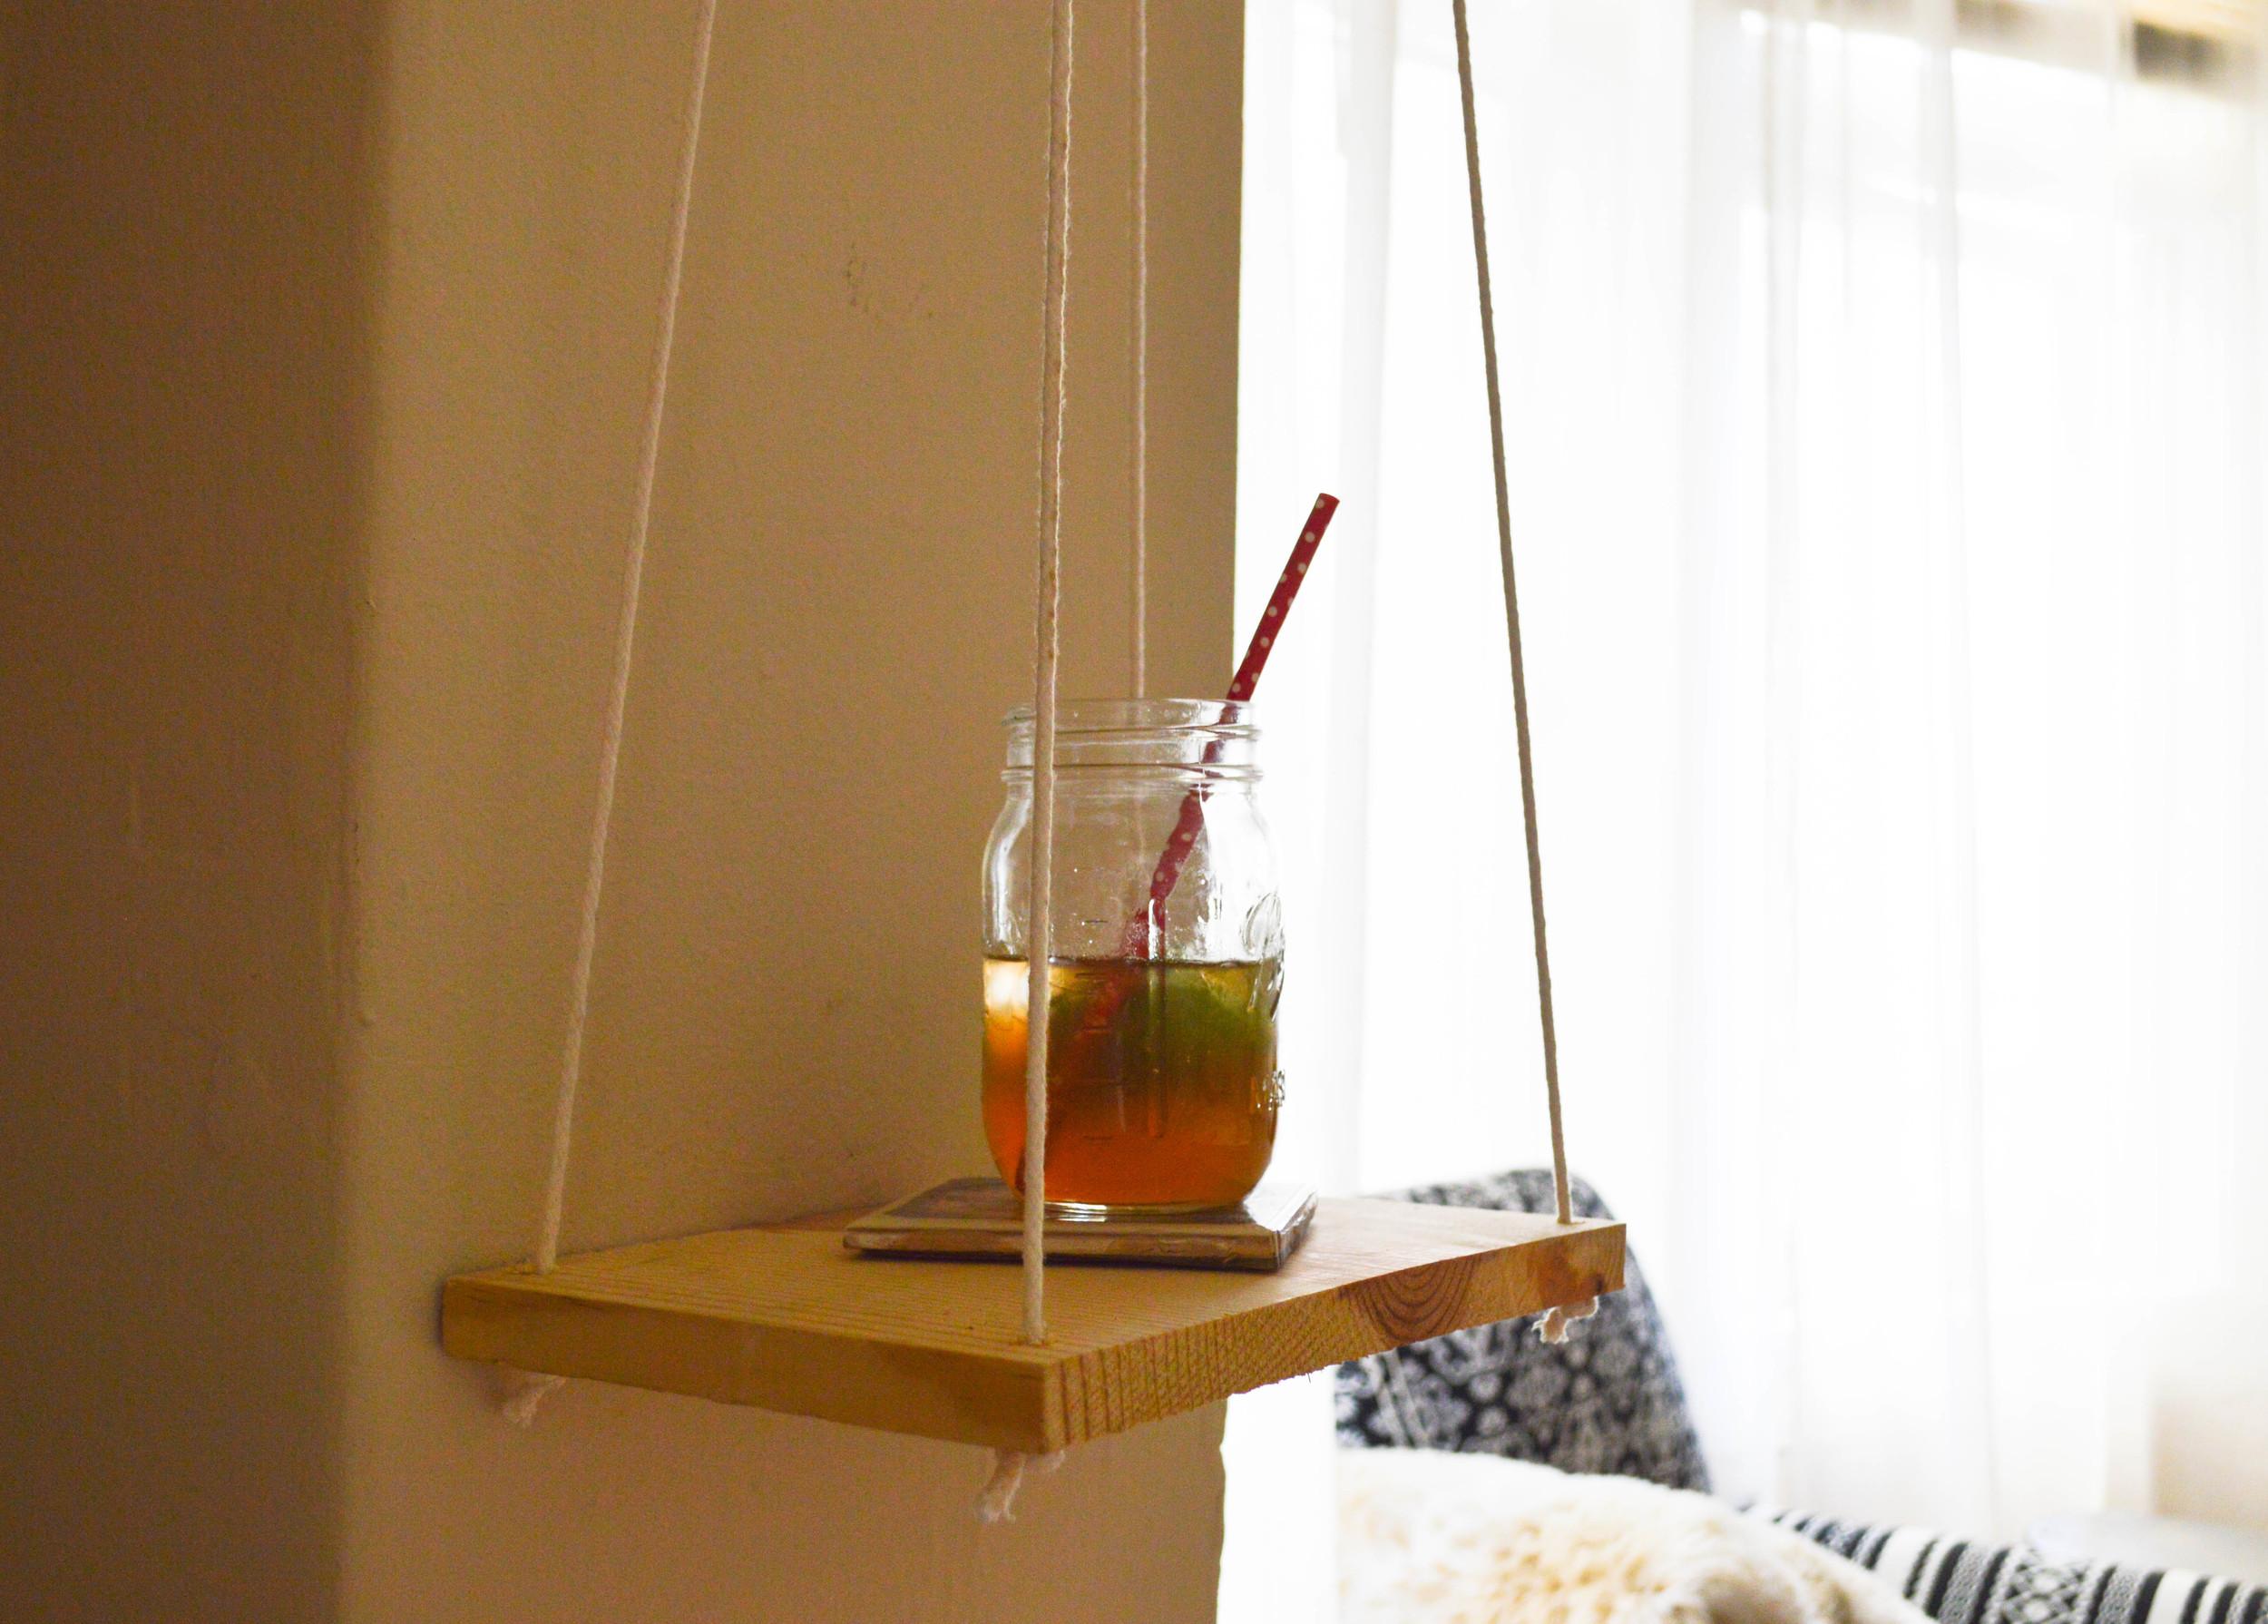 Easy diy hanging shelf